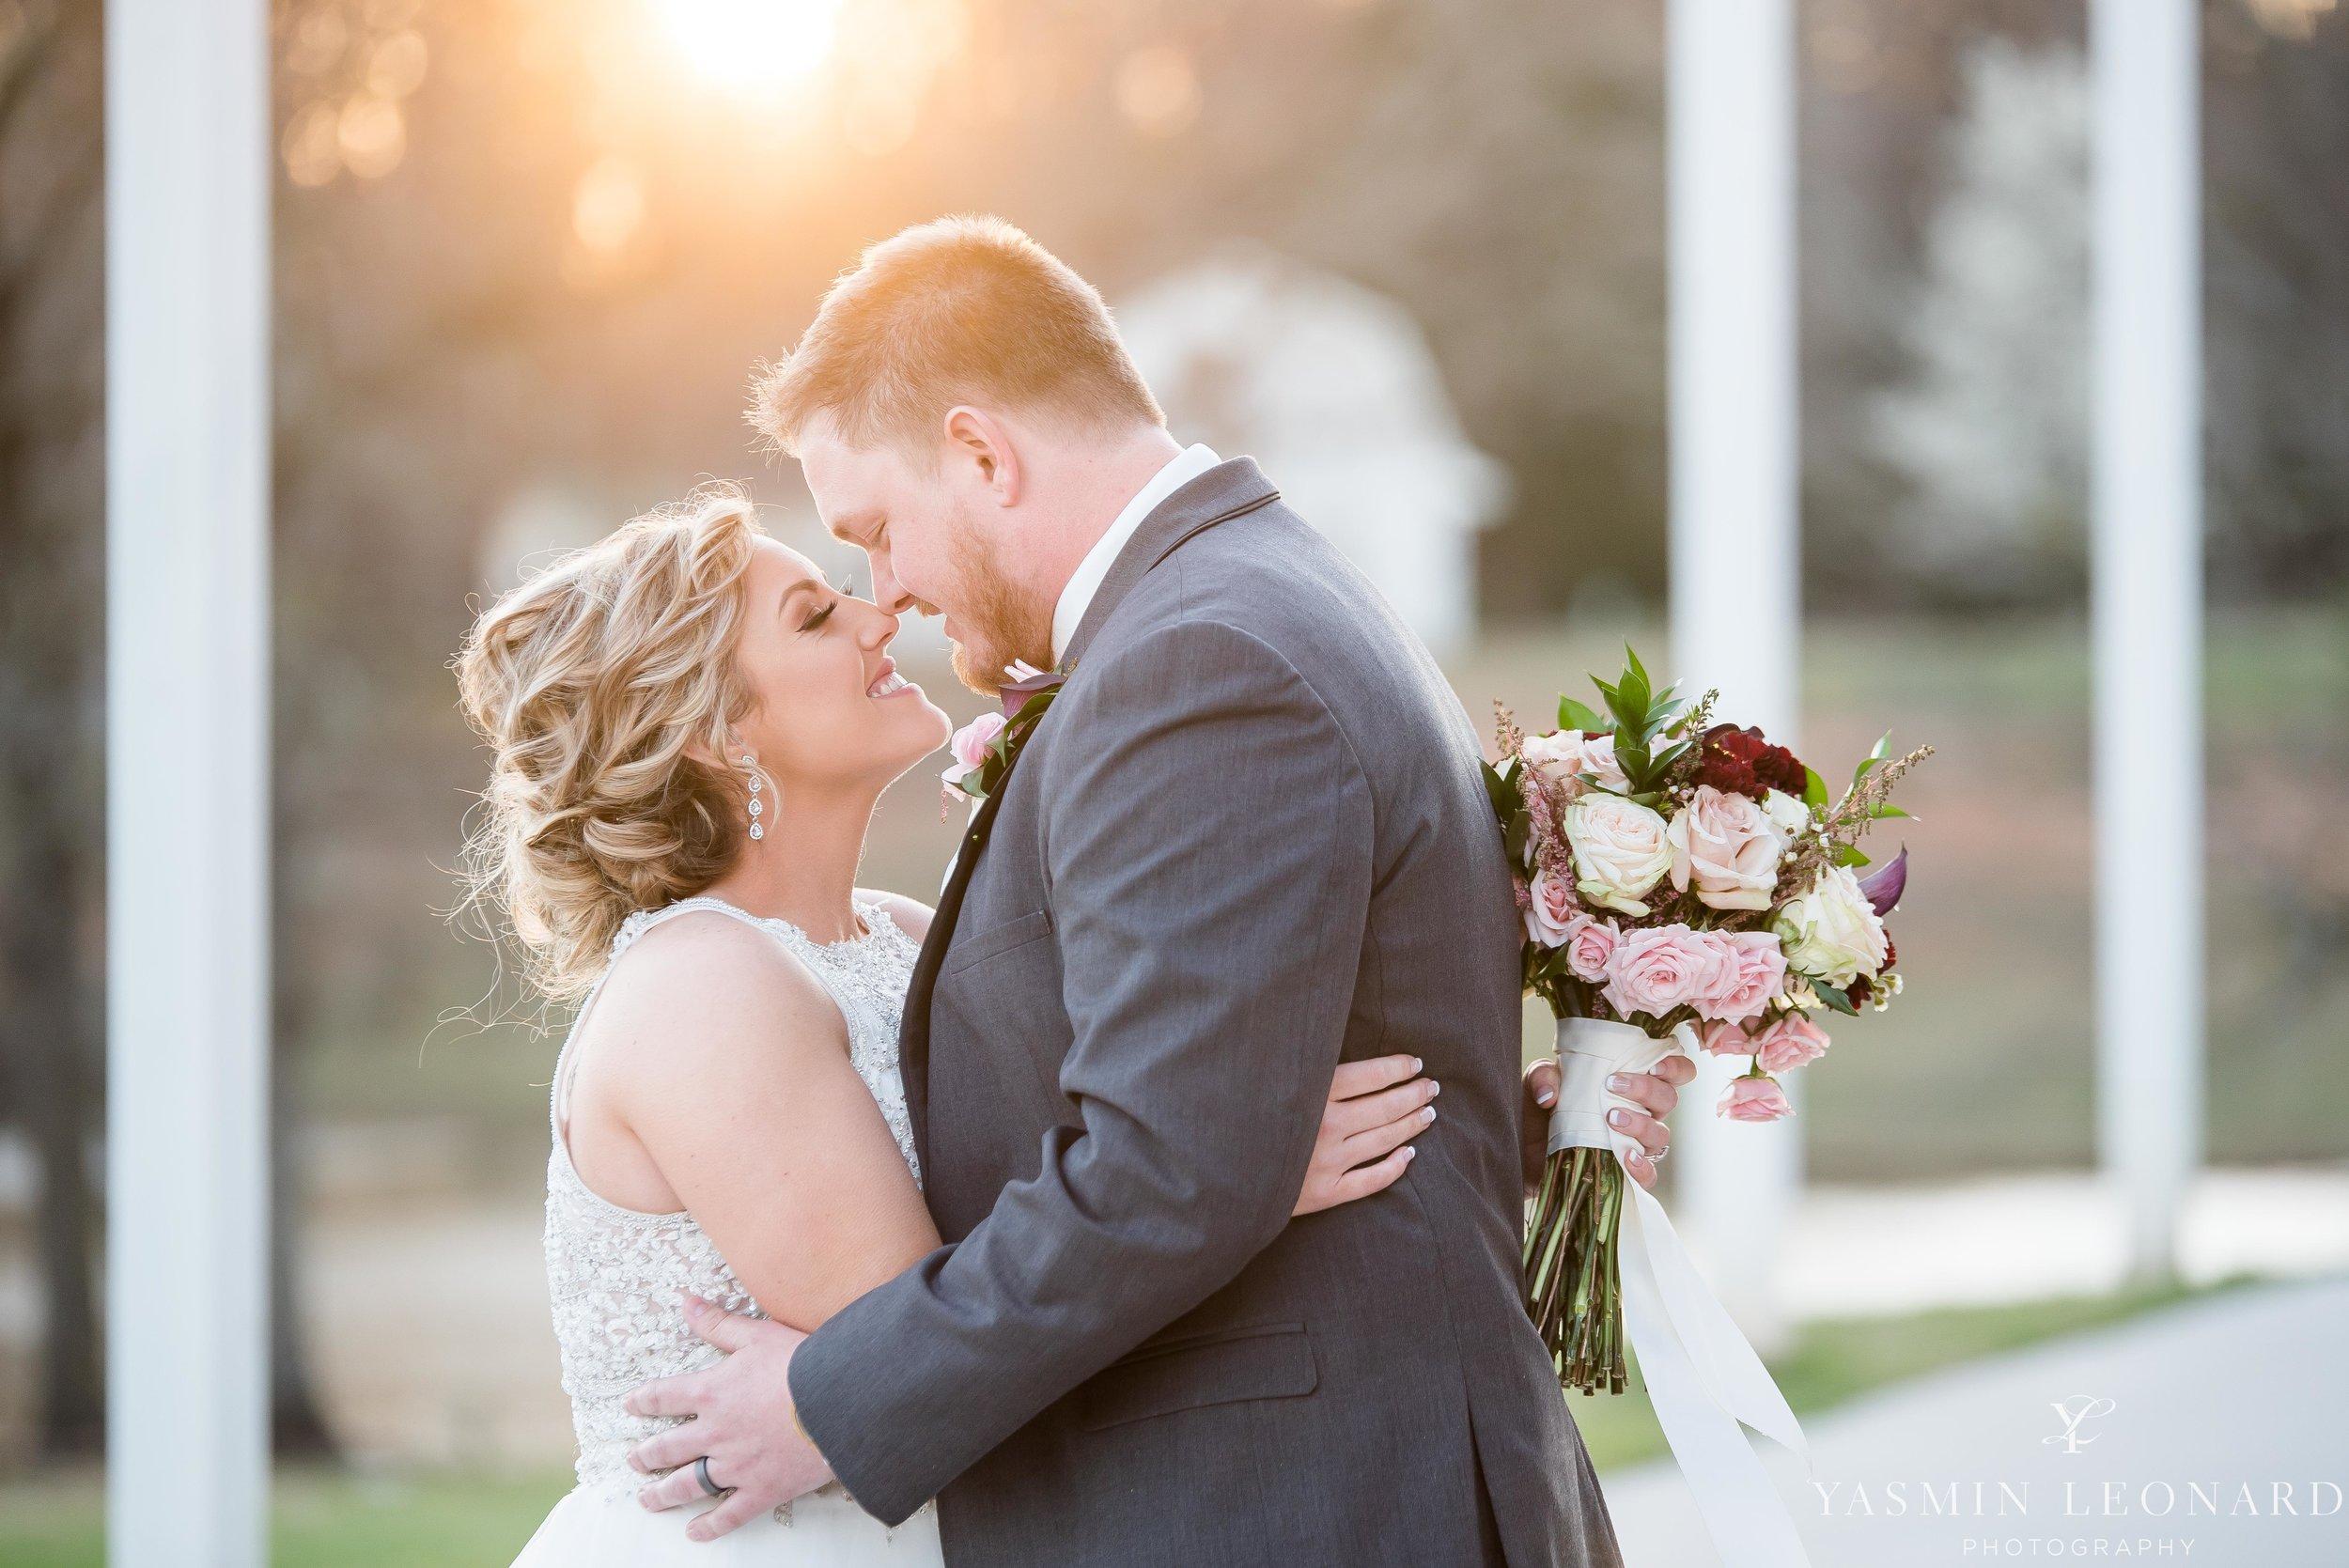 Millikan Farms - Millikan Farms Wedding - Sophia NC Wedding - NC Wedding - NC Wedding Photographer - Yasmin Leonard Photography - High Point Photographer - Barn Wedding - Wedding Venues in NC - Triad Wedding Photographer-59.jpg